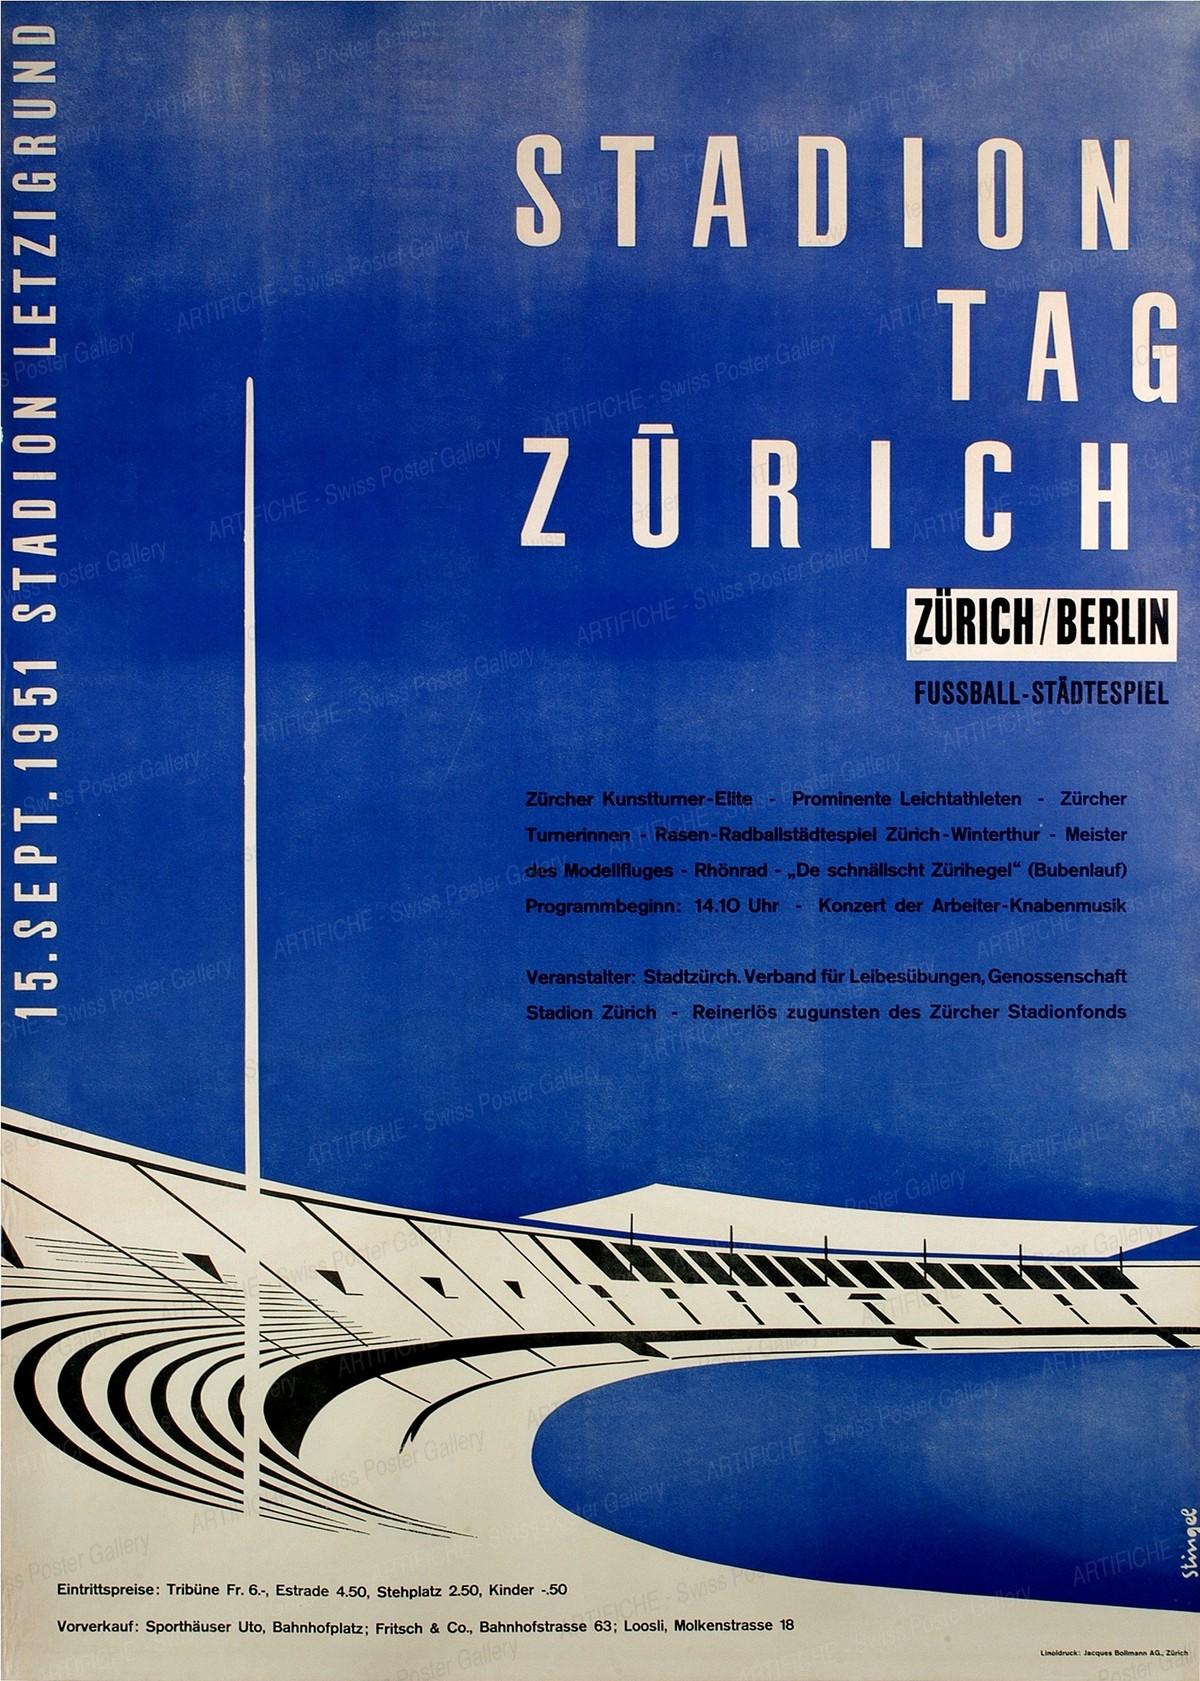 STADIONTAG Zürich / Berlin – 15. September 1951 – Stadion Letzigrund – Fussball-Städtespiel, Stingel